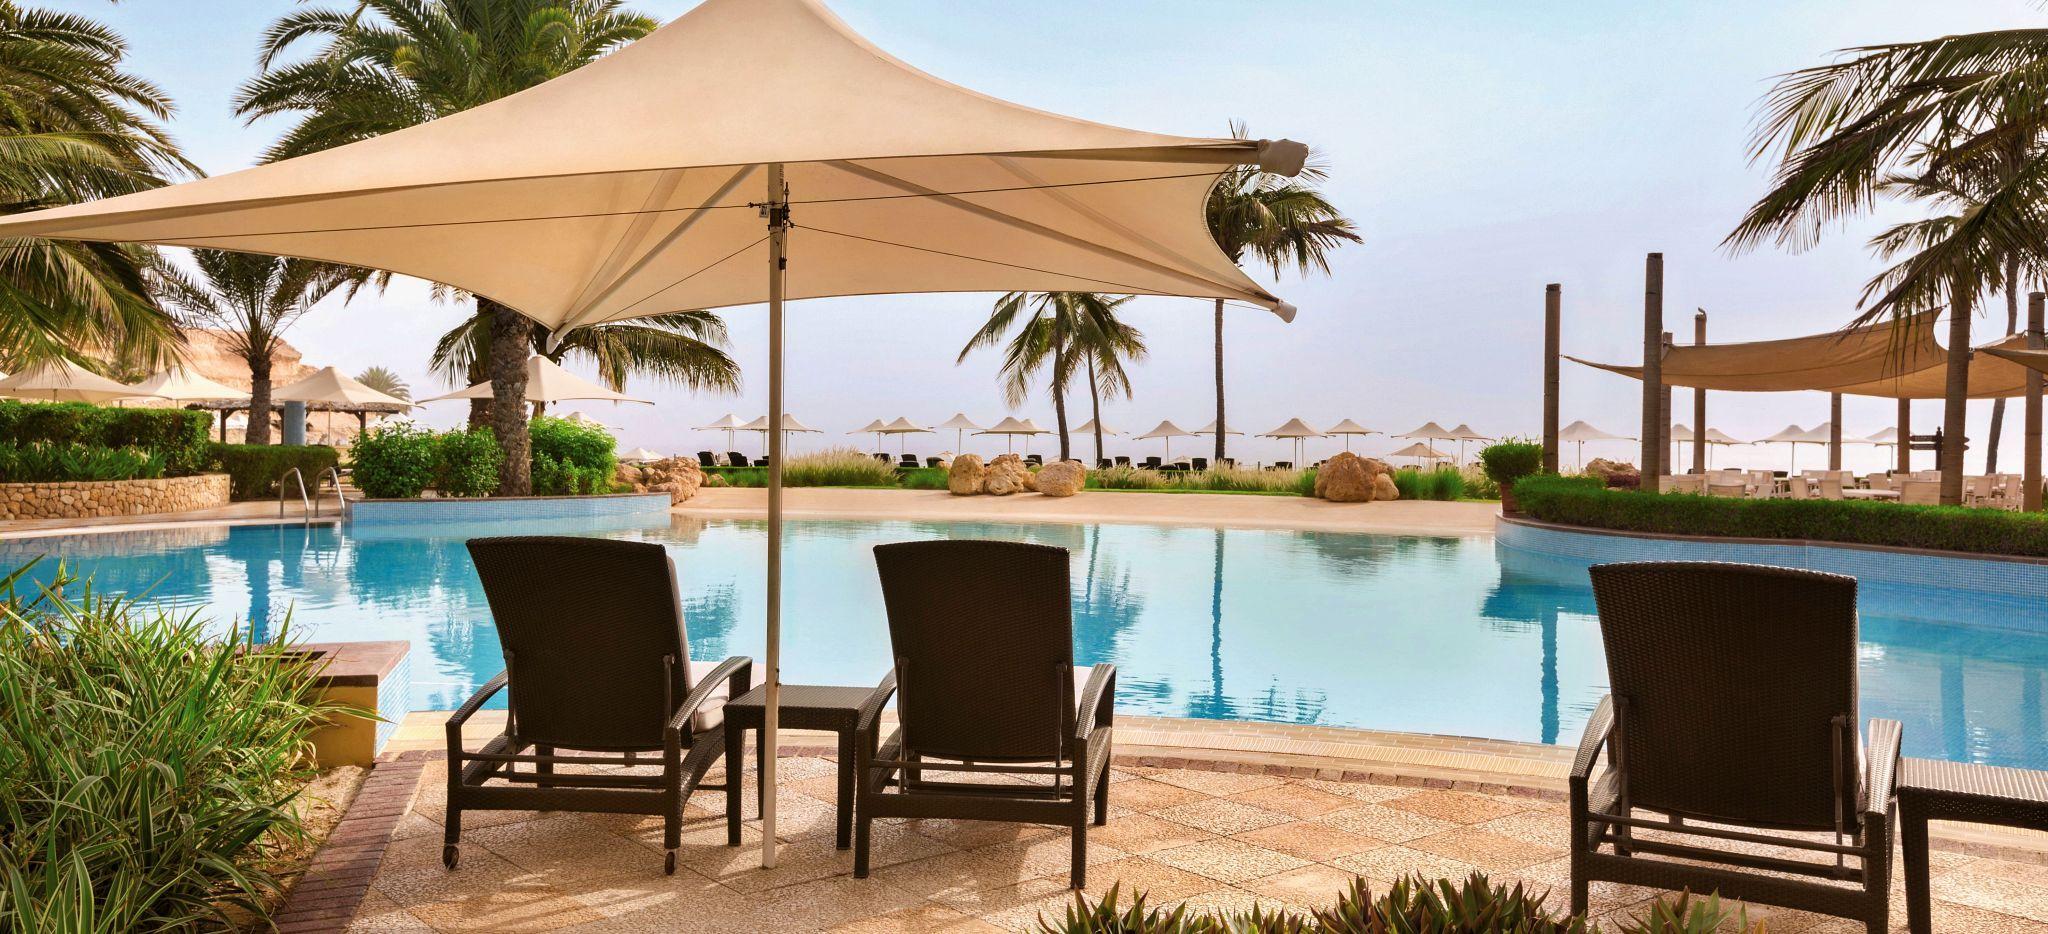 Pool mit Palmen und Sonnenschirmen und -stühlen im Shangri-La Barr Al Jissah Al Bandar Resort nahe Maskat, Oman